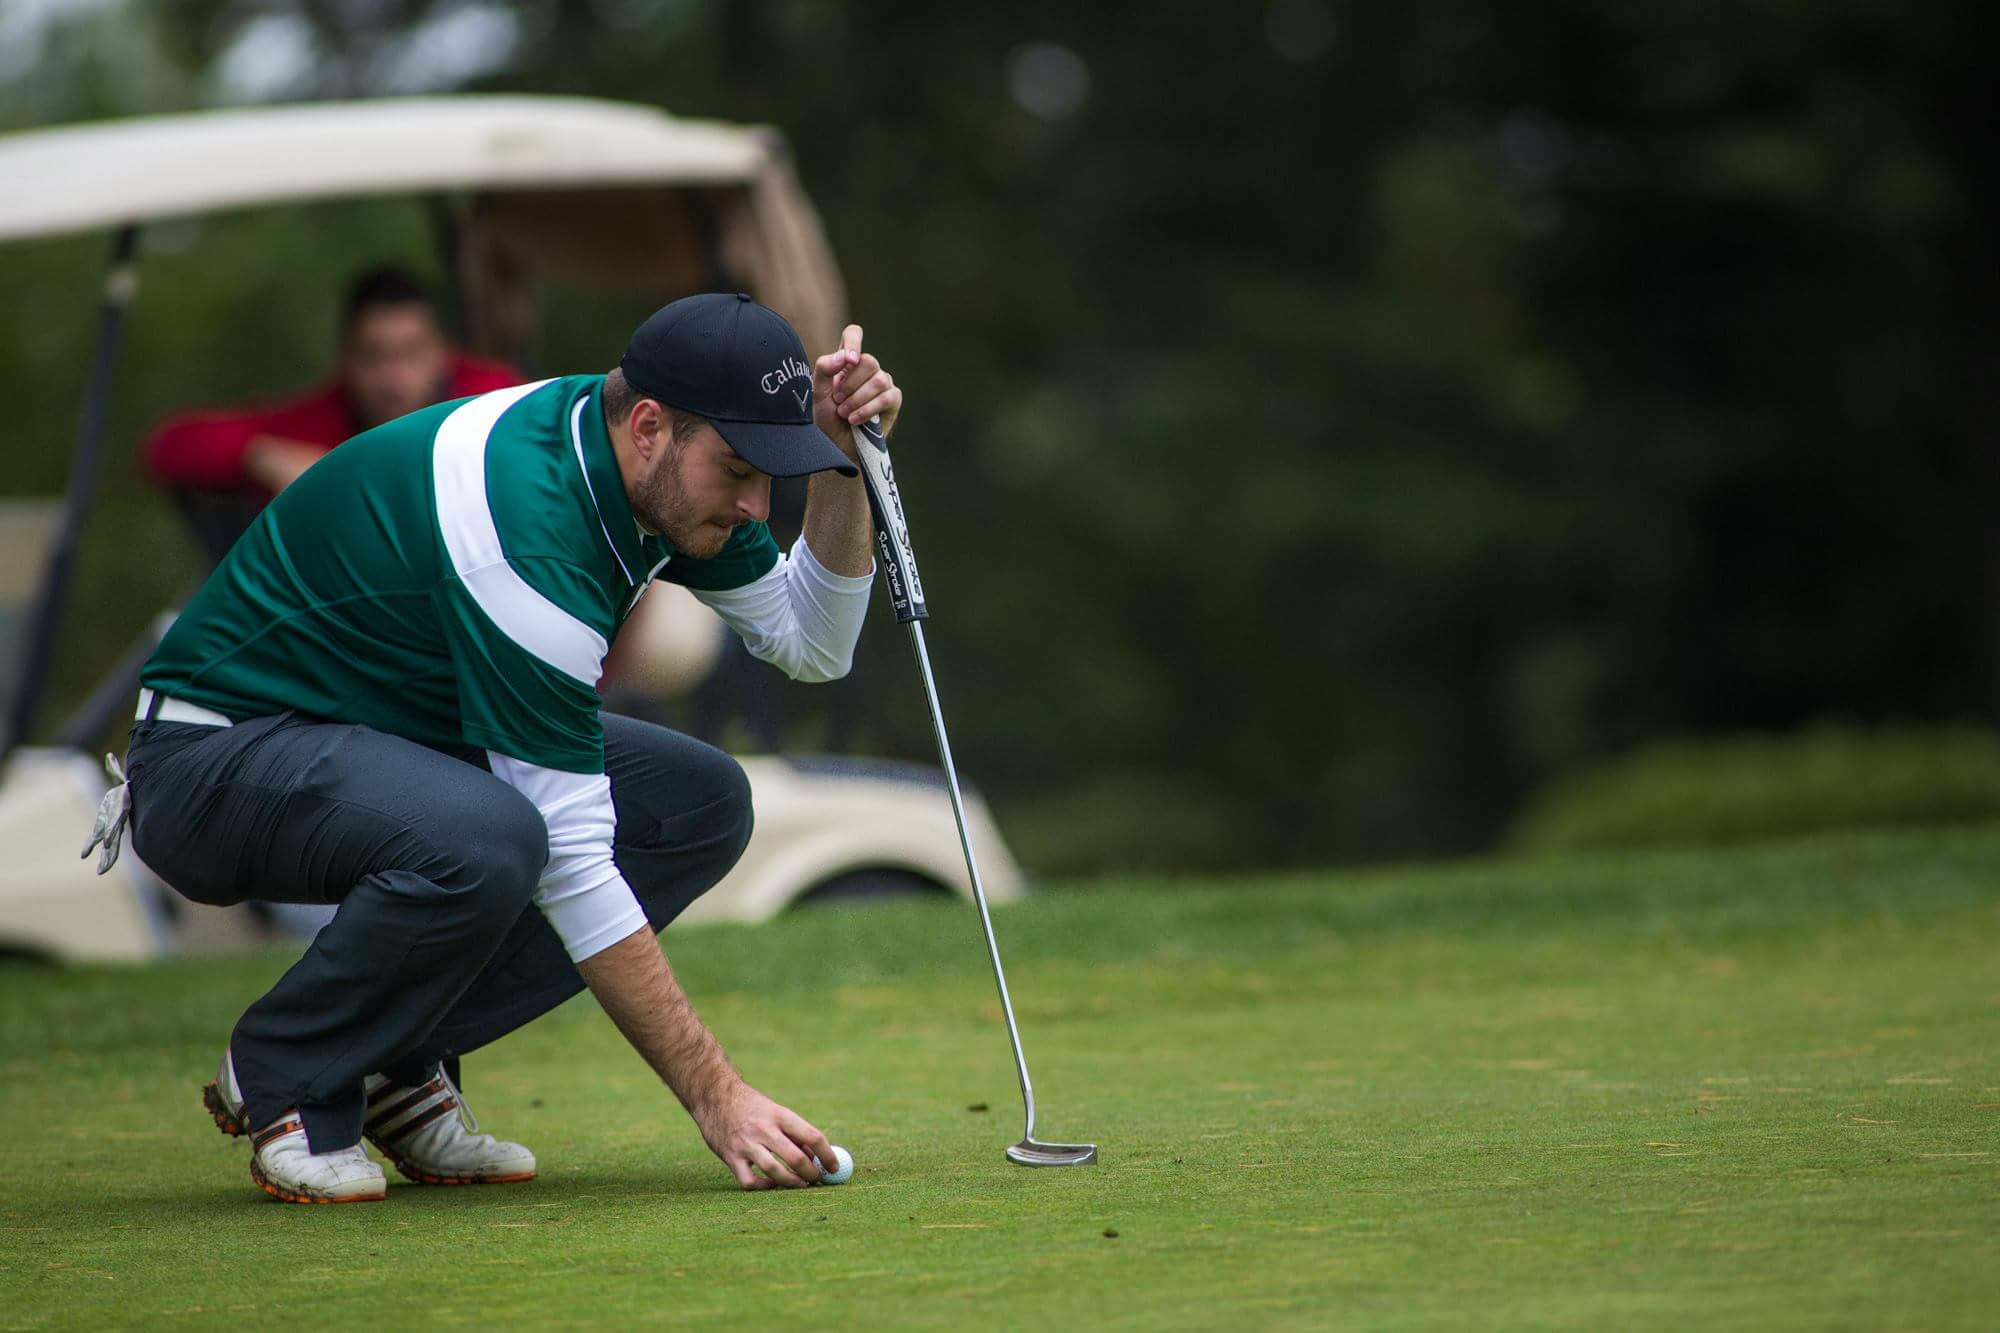 La formation de golf des Patriotes de l'UQTR s'est classée au troisième lors du championnat provincial qui avait lieu au Ki-8-EB. Photo: Patriotes.